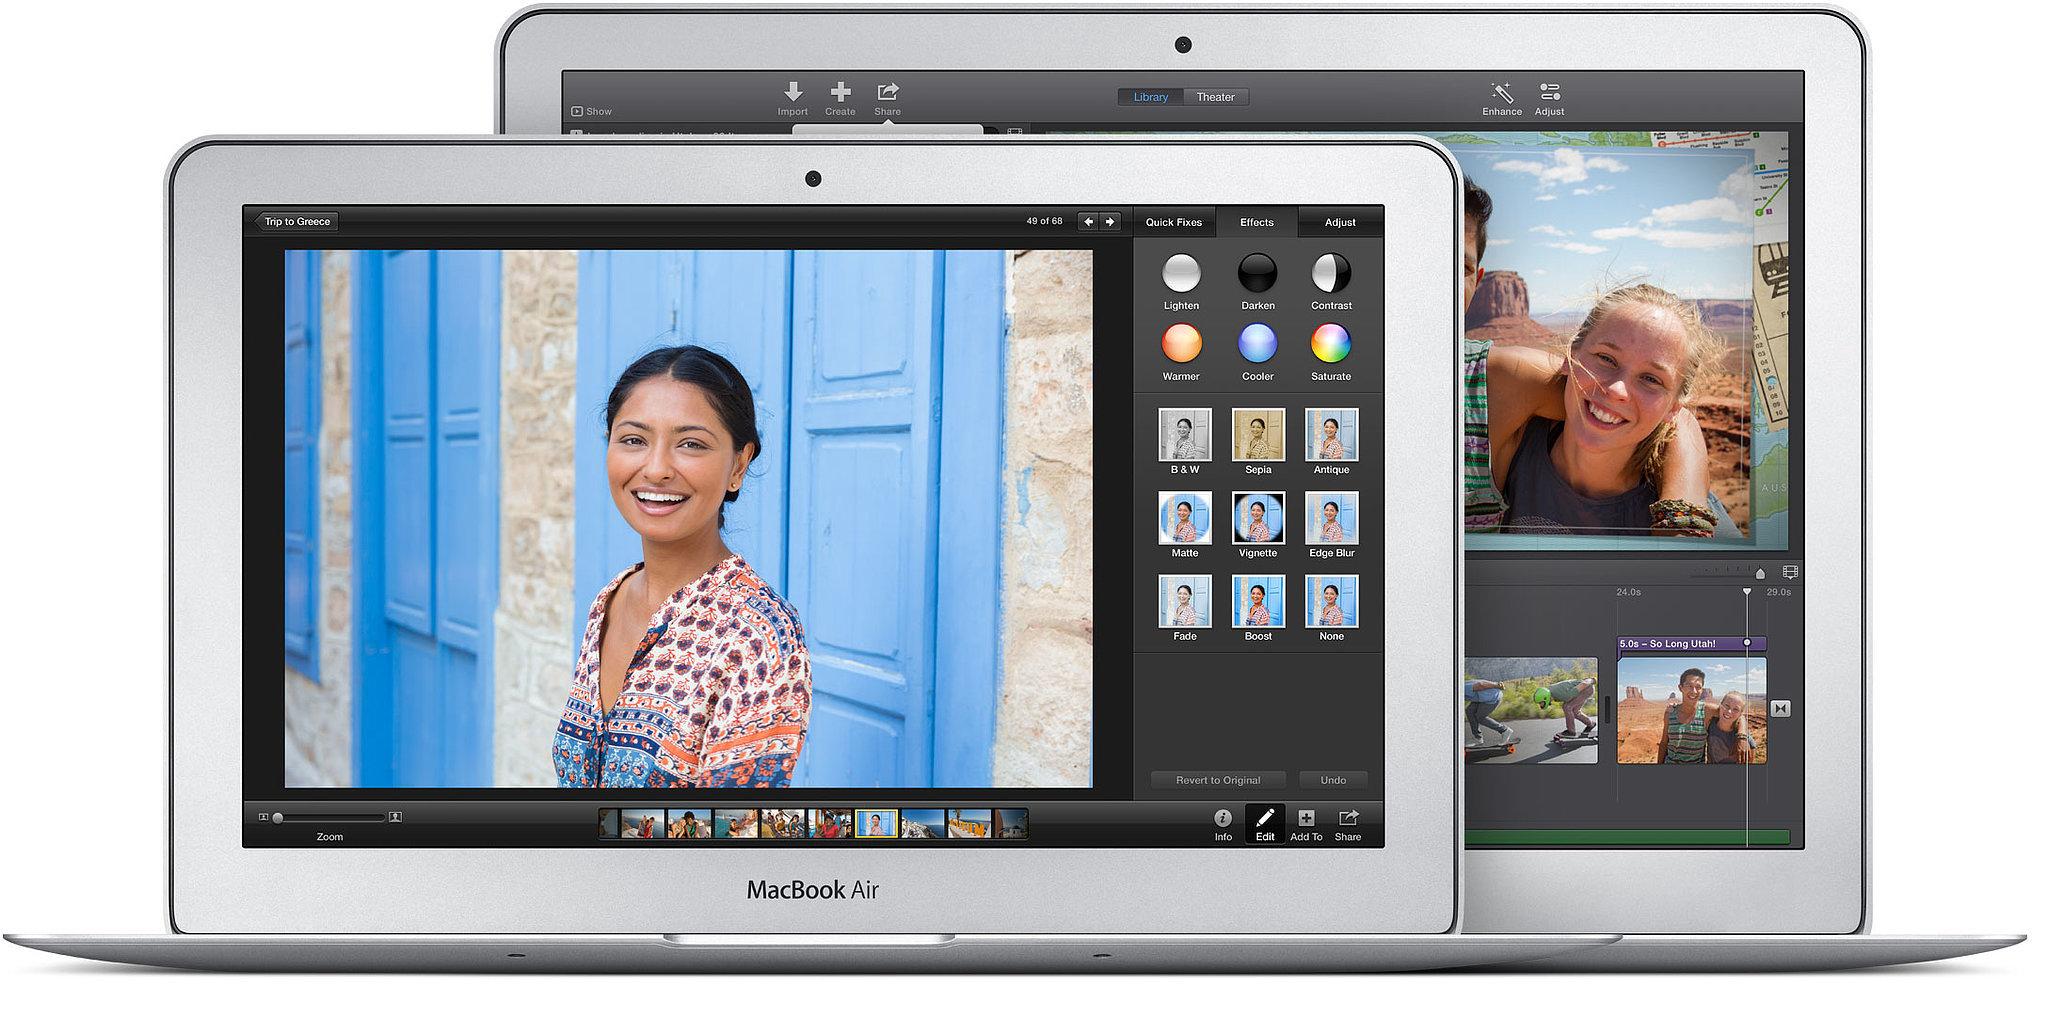 First, the MacBook Air